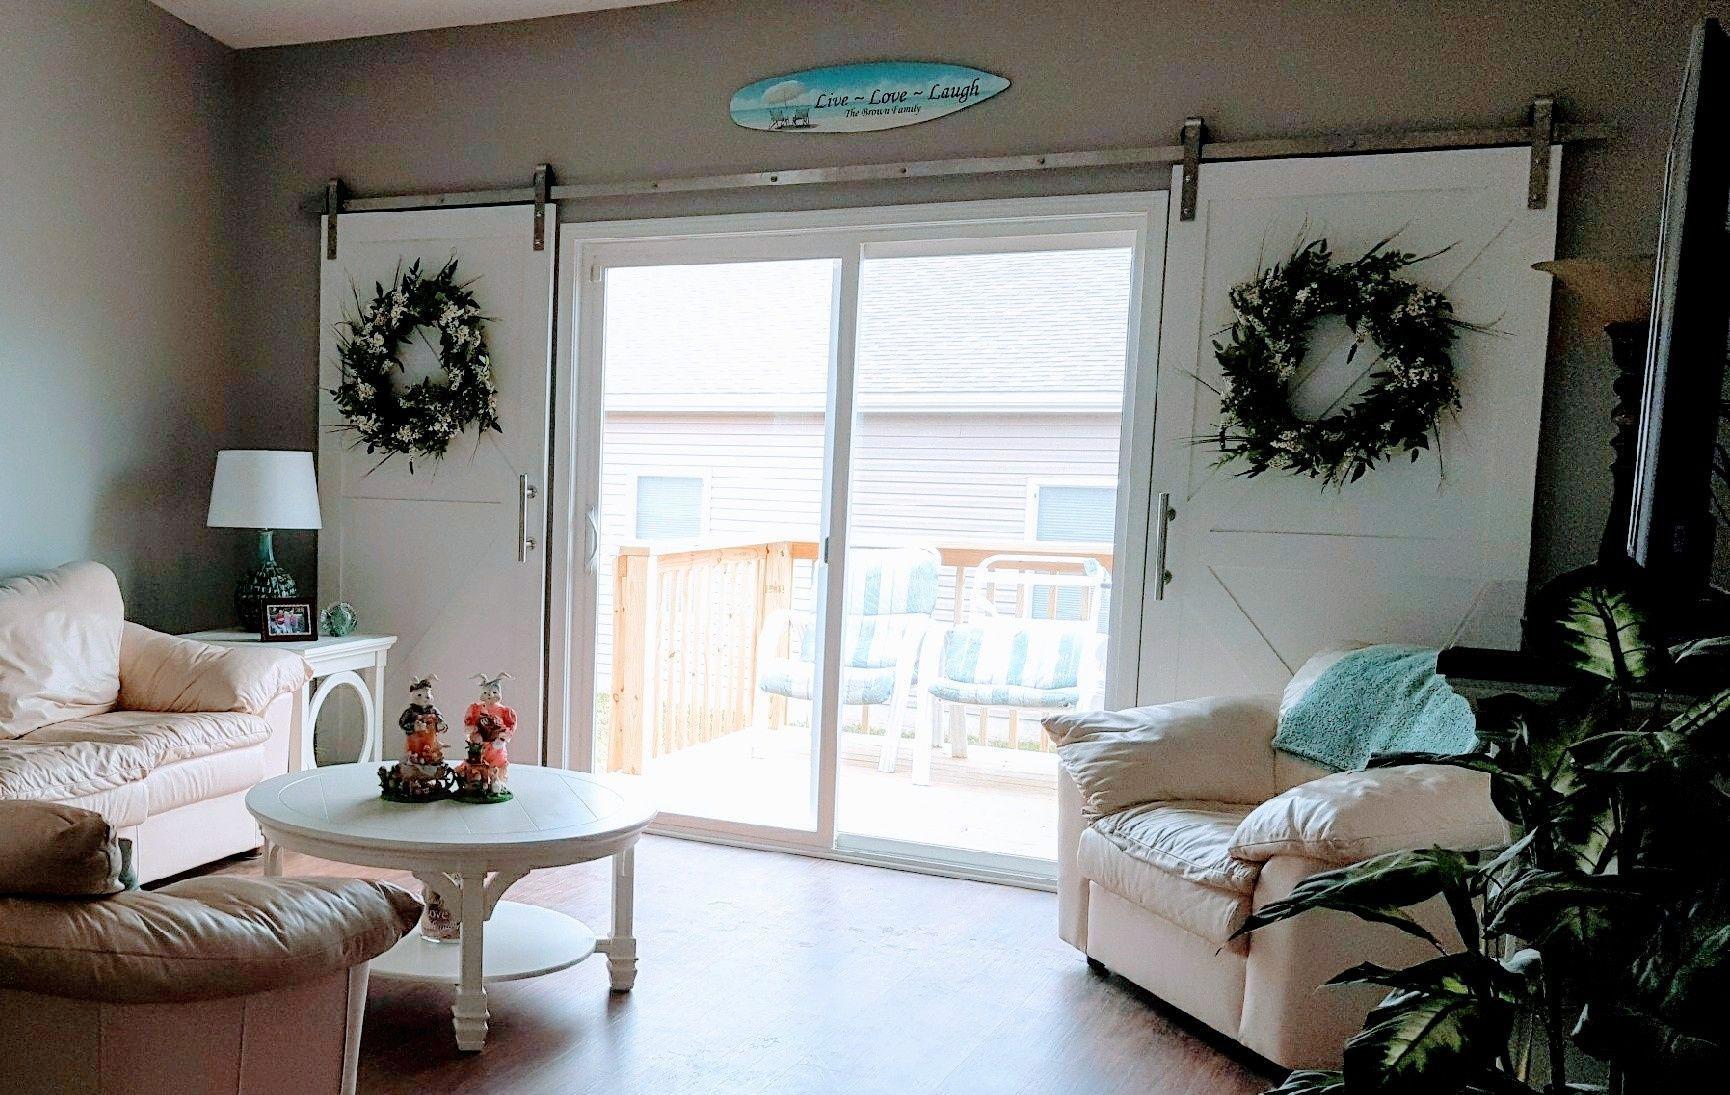 Use Barn Doors As Window Covering For Sliding Glass Patio Doors Reesrusticreations Com Door Coverings Sliding Glass Doors Patio Patio Door Coverings